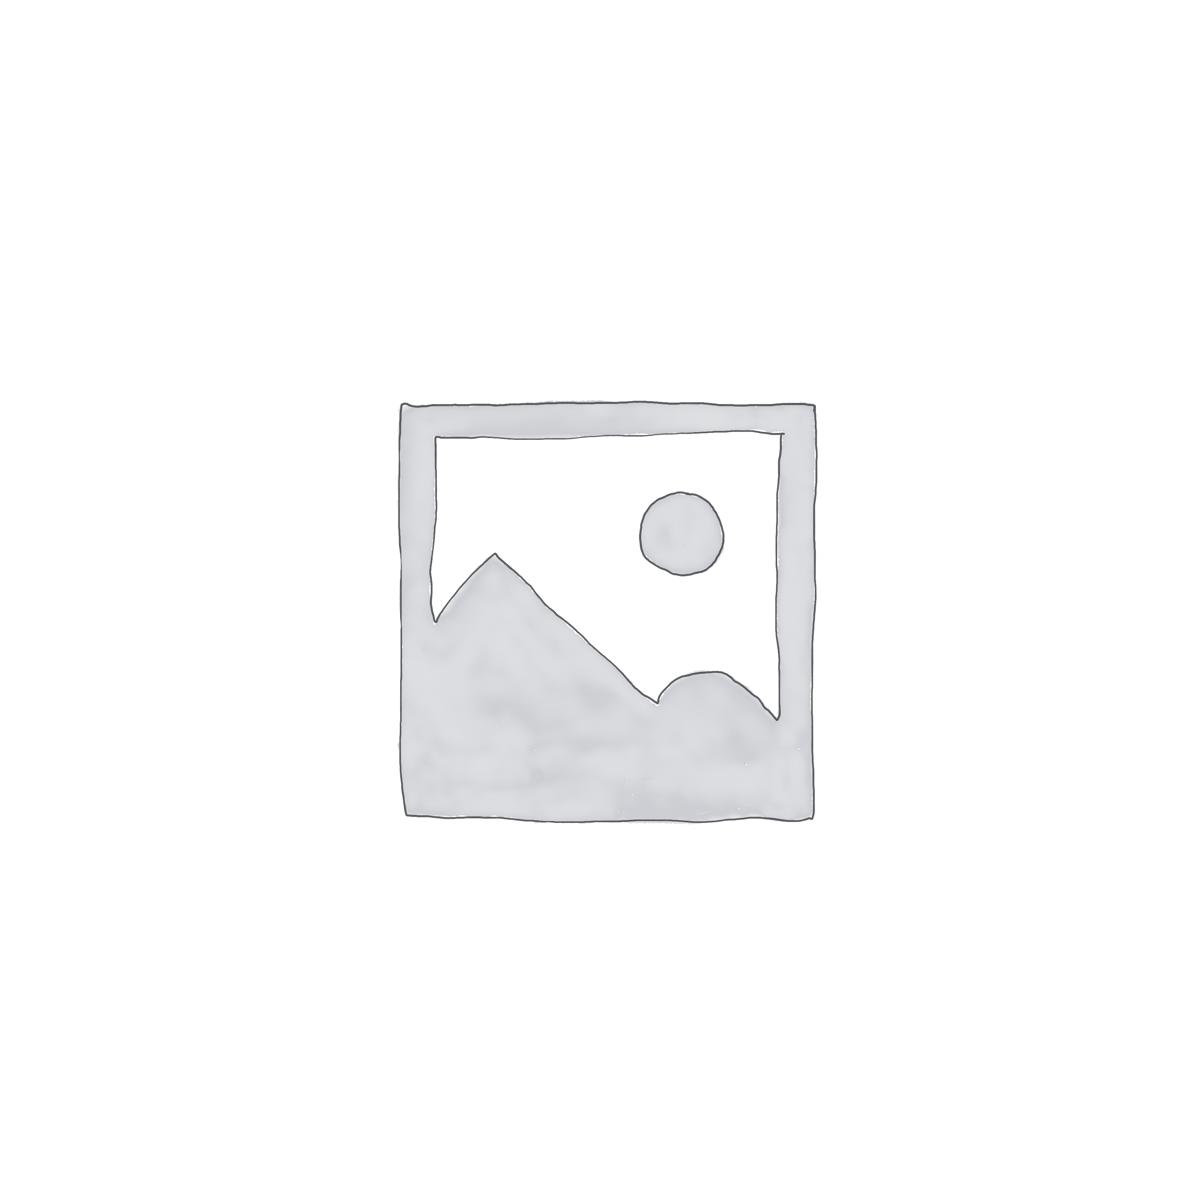 iPhone 11 Ricondizionato – 64GB – Grado A – Black